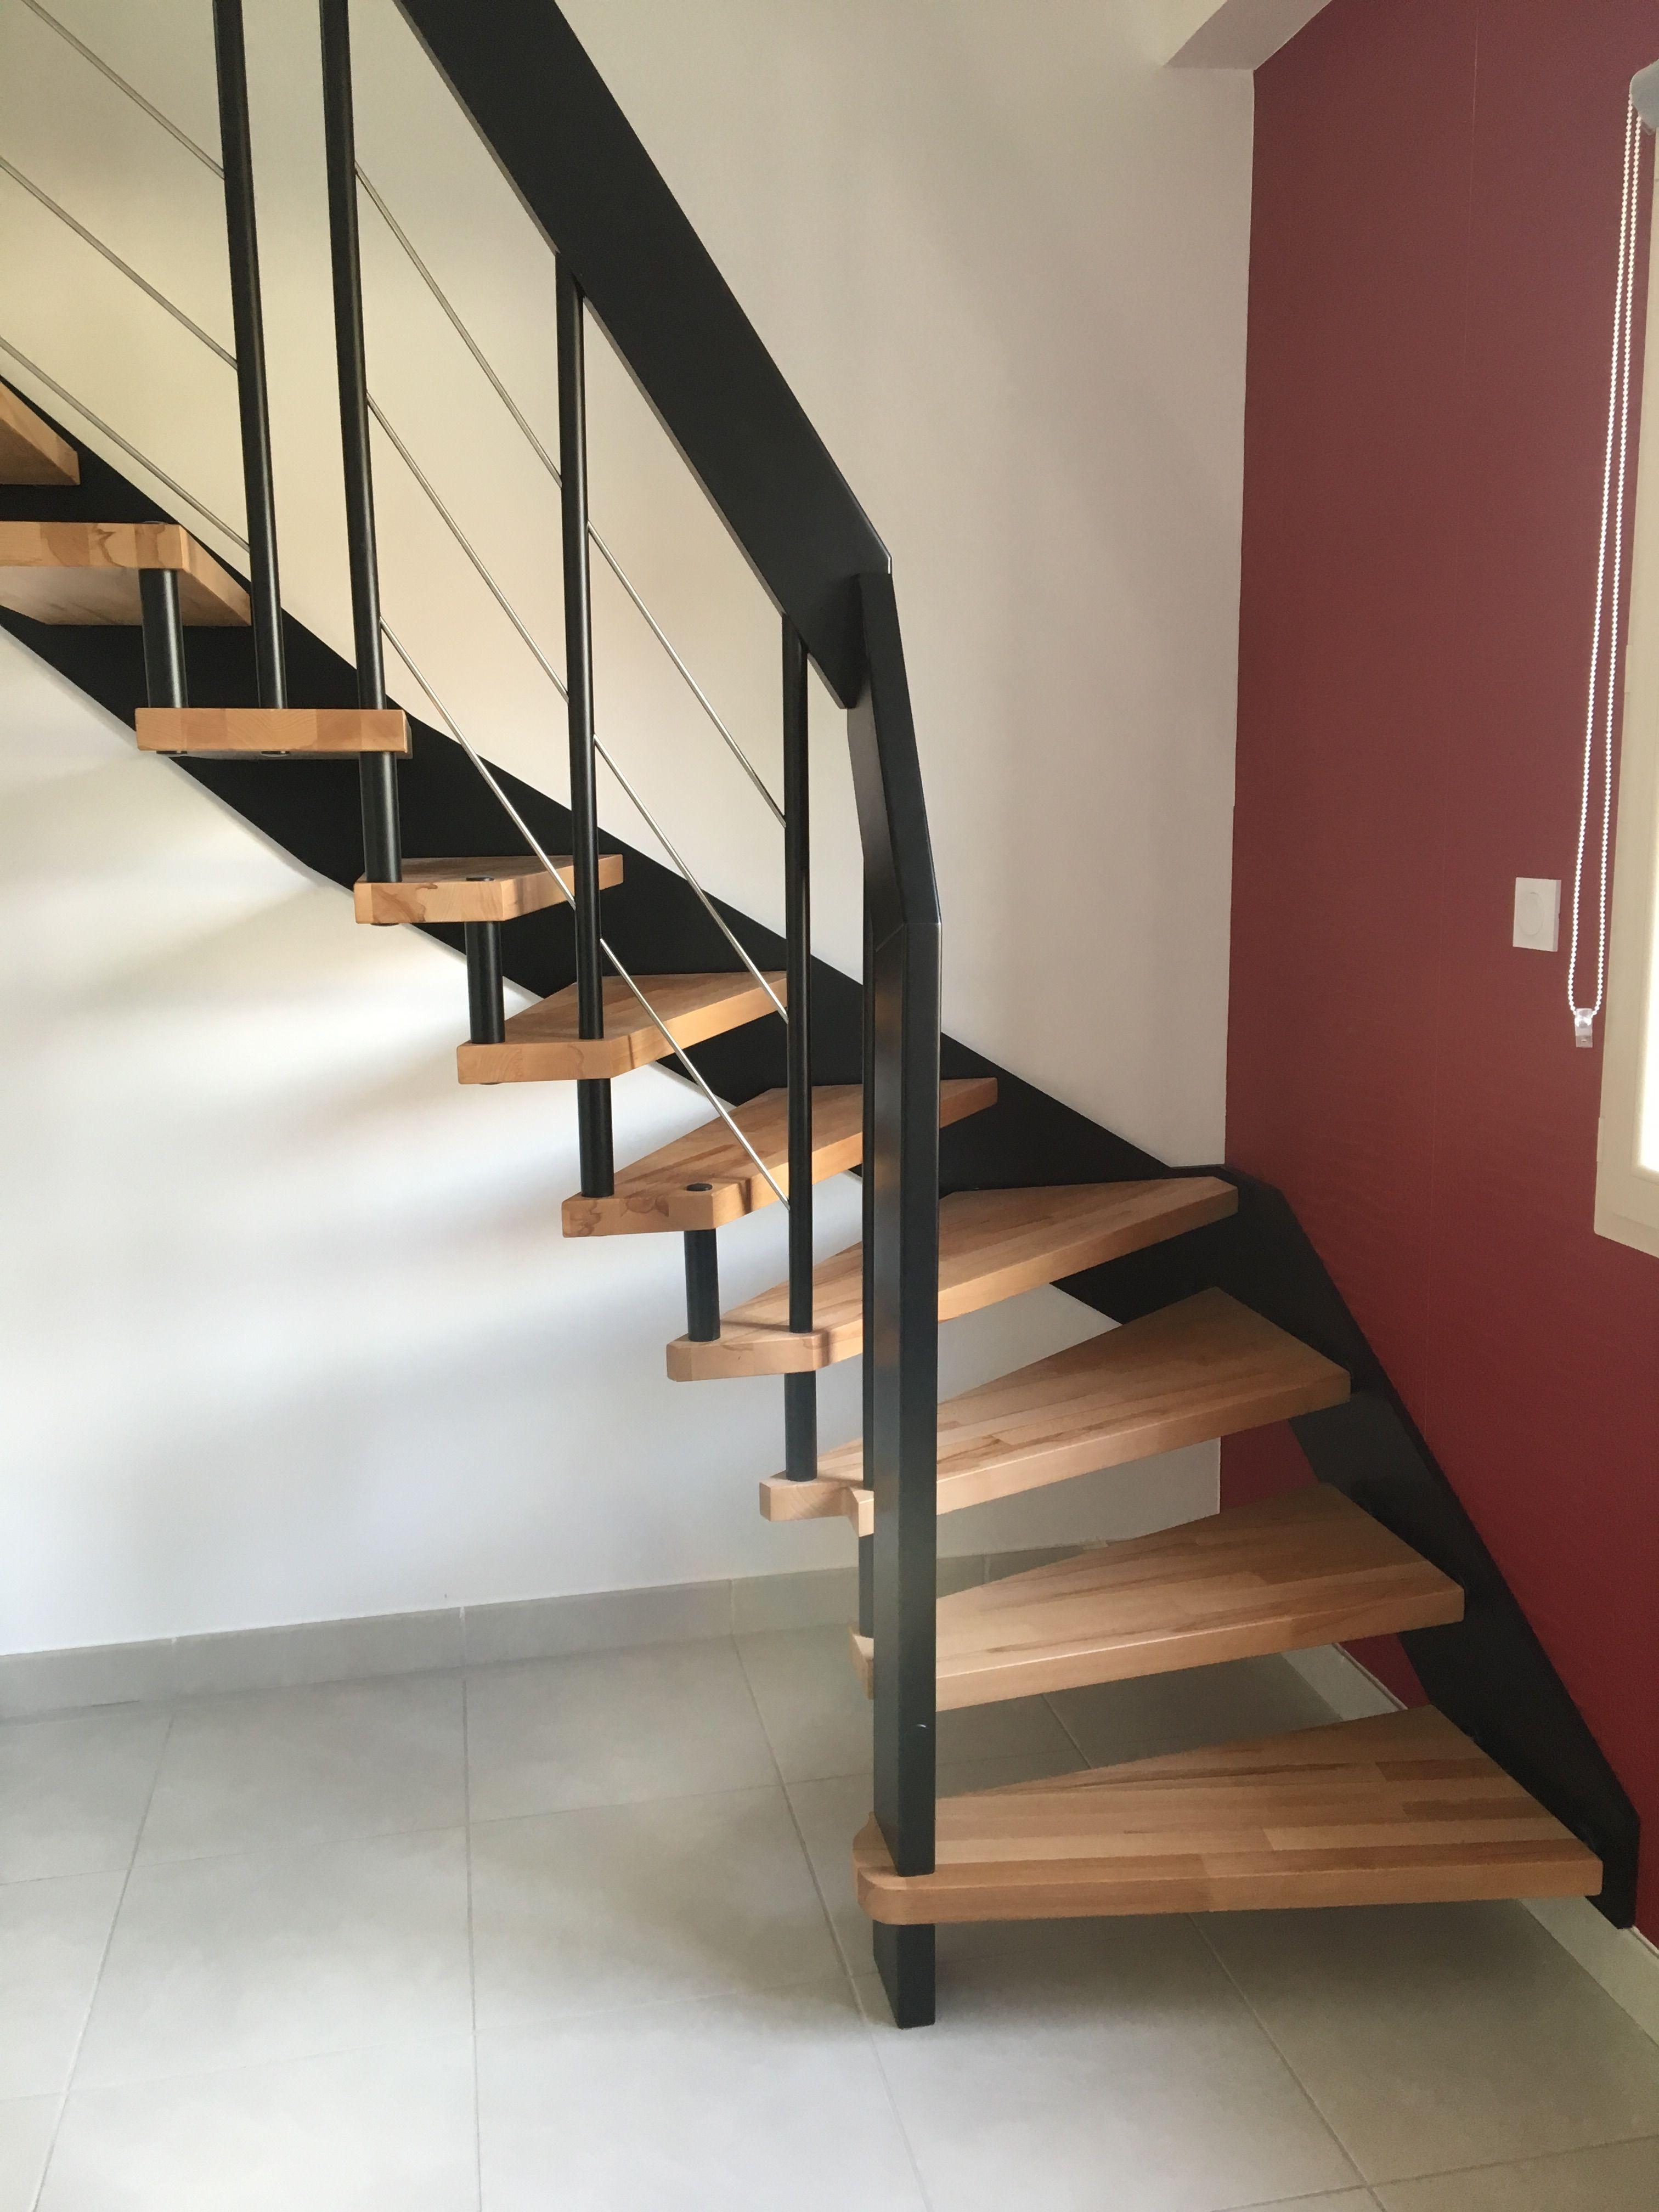 Escalier Bois Metal Noir escalier prisma percÉ hêtre et noir | escalier, escalier